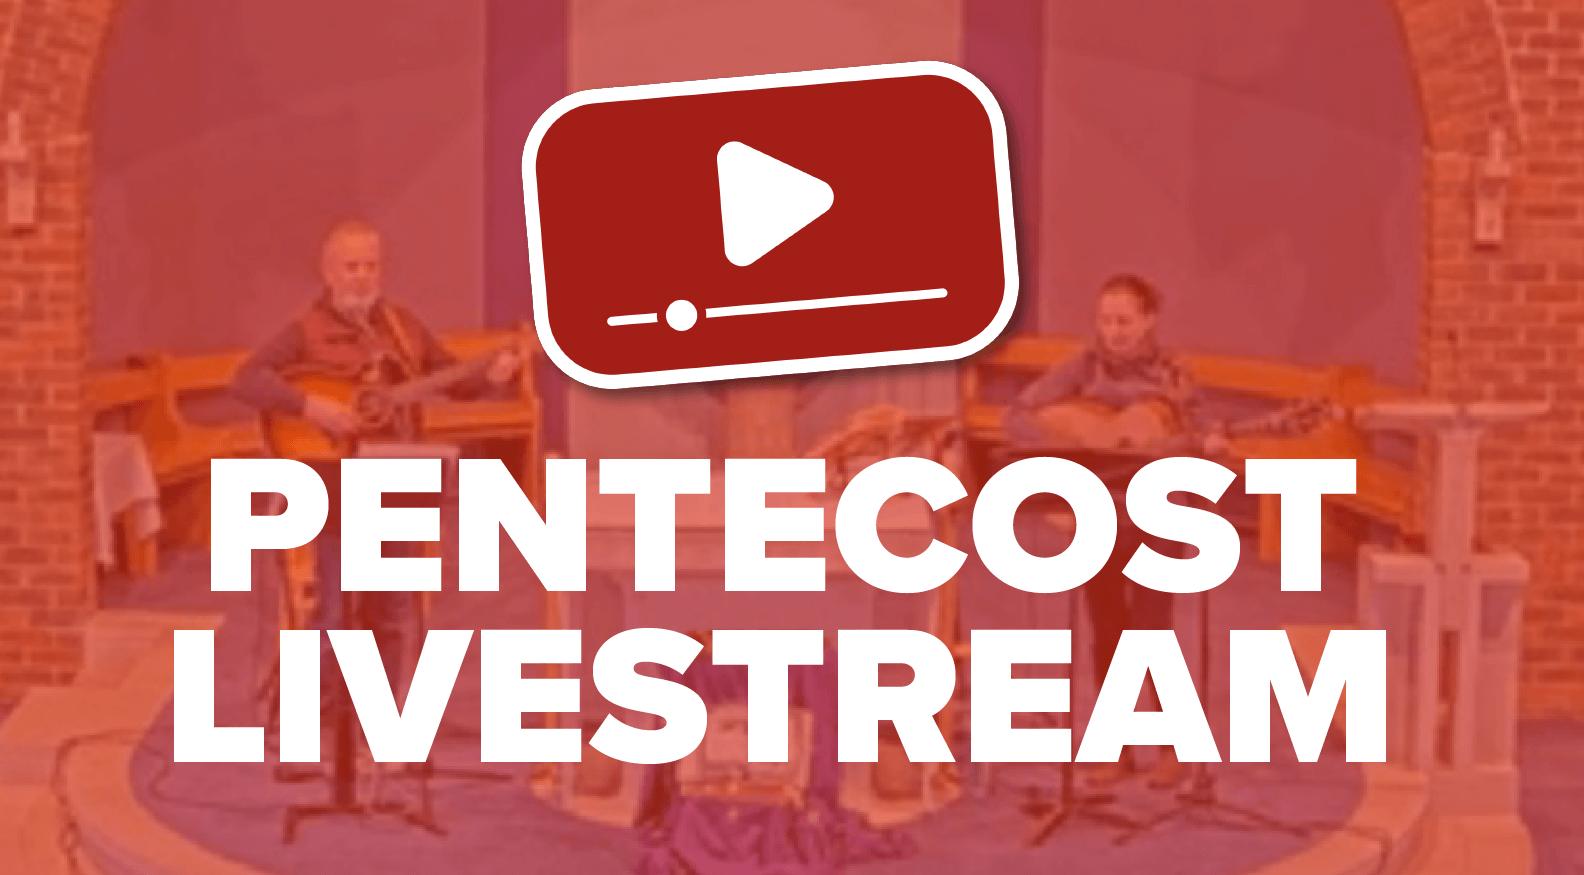 Pentecost Livestream